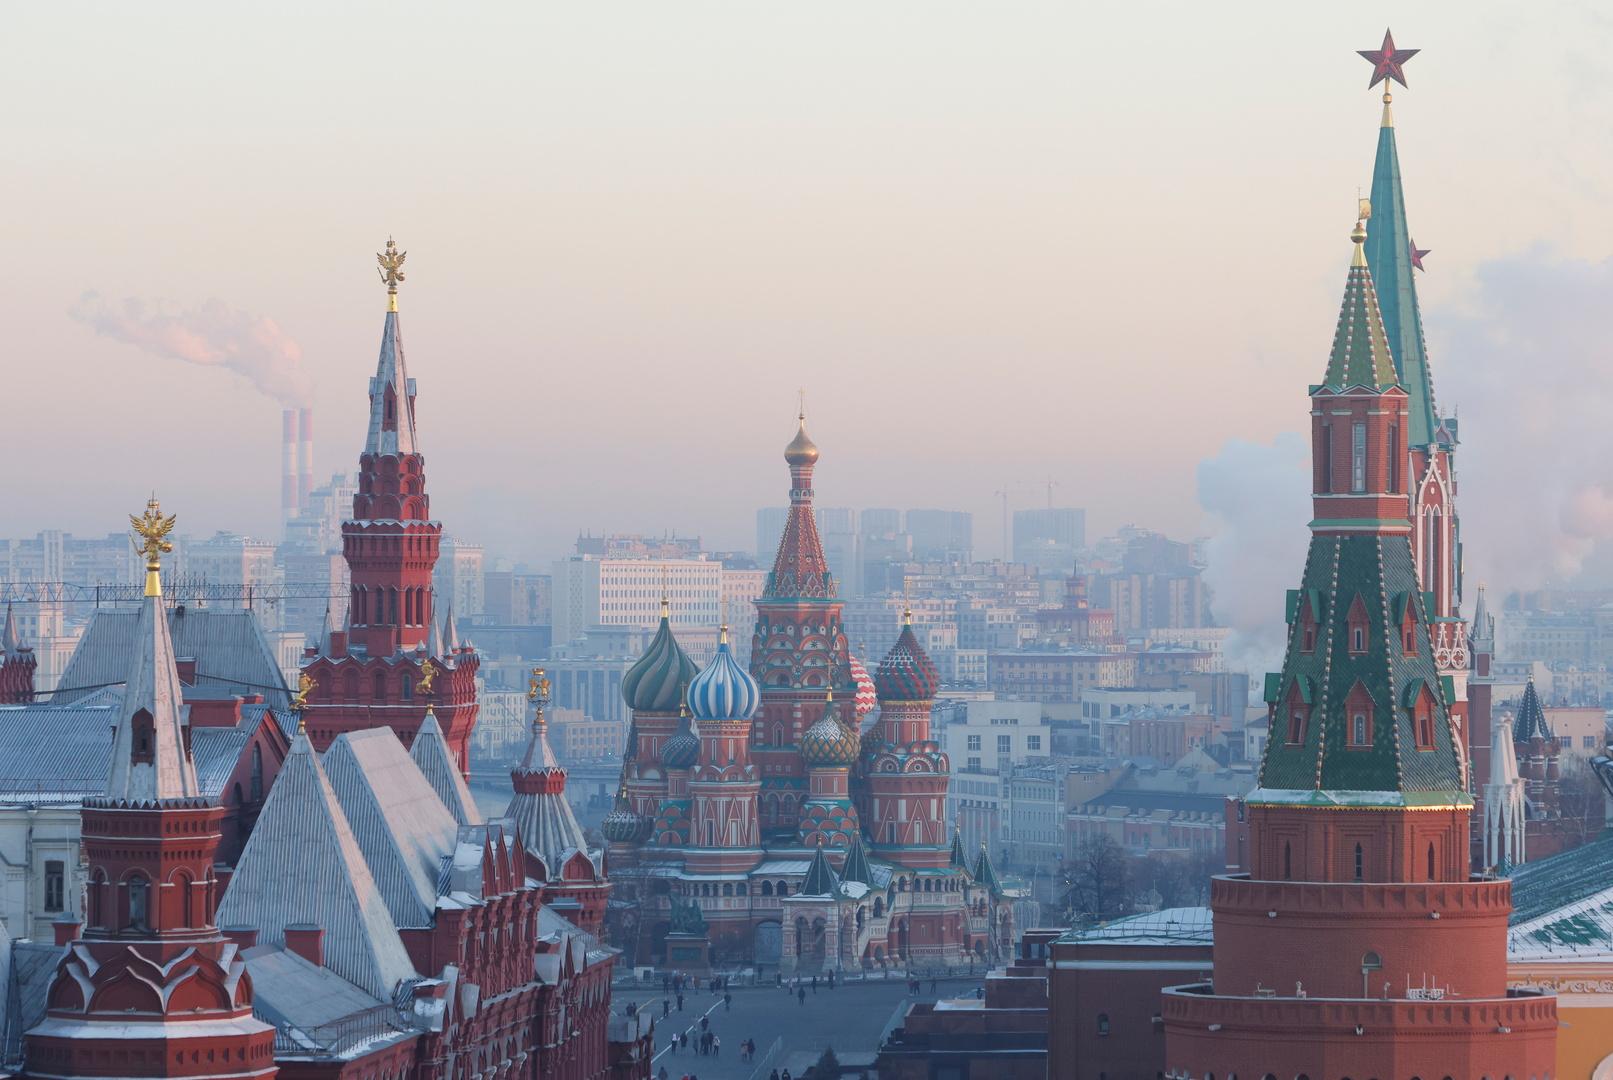 إحصاء: انخفاض مؤشر البطالة في روسيا إلى 4.9 % في مايو